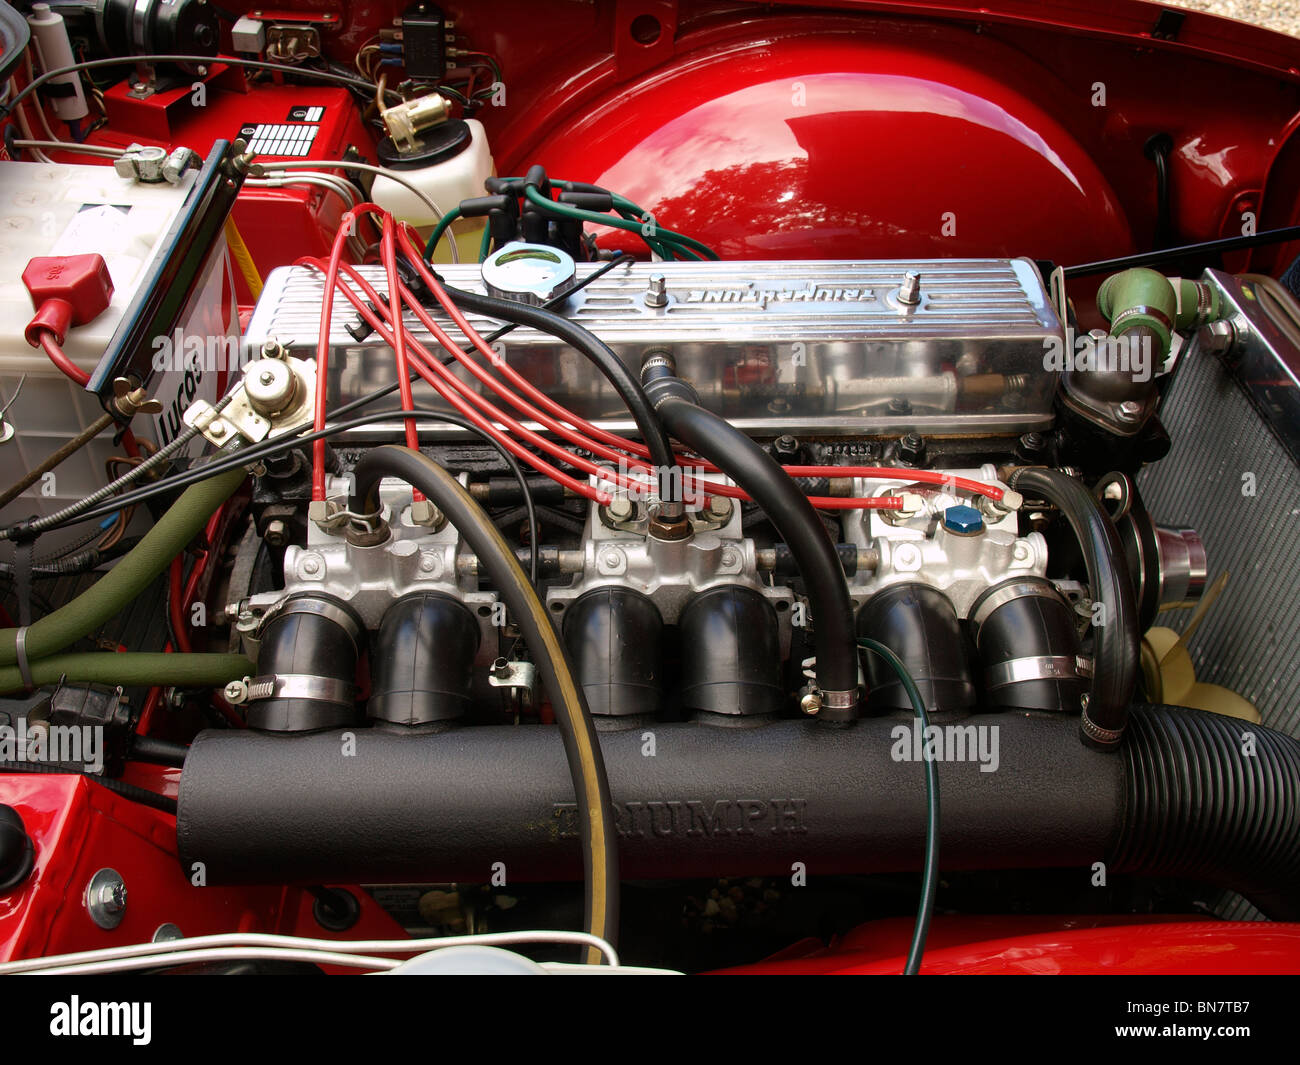 Tolle Automotor Bild Bilder - Elektrische Schaltplan-Ideen ...